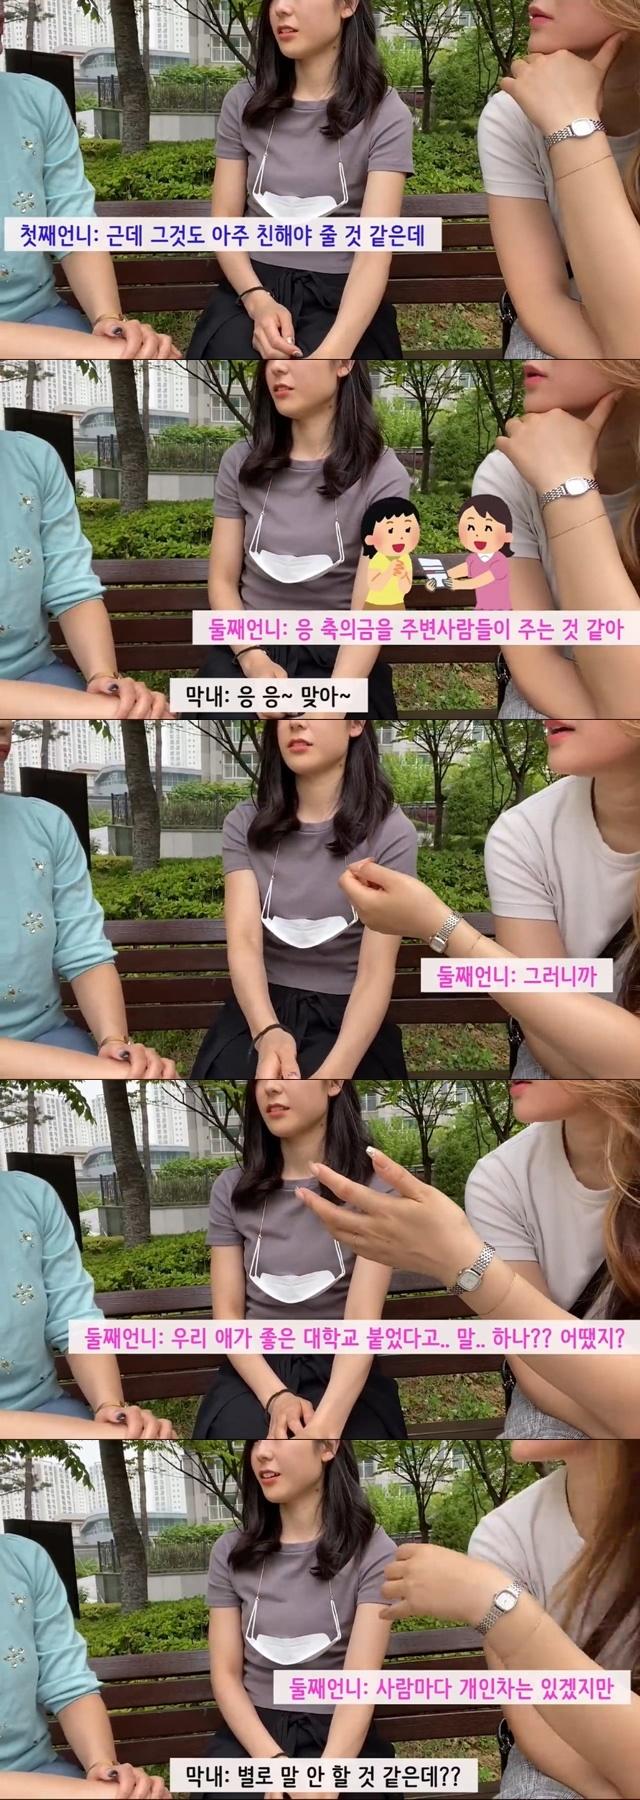 한국으로 시집온 일본인 자매들